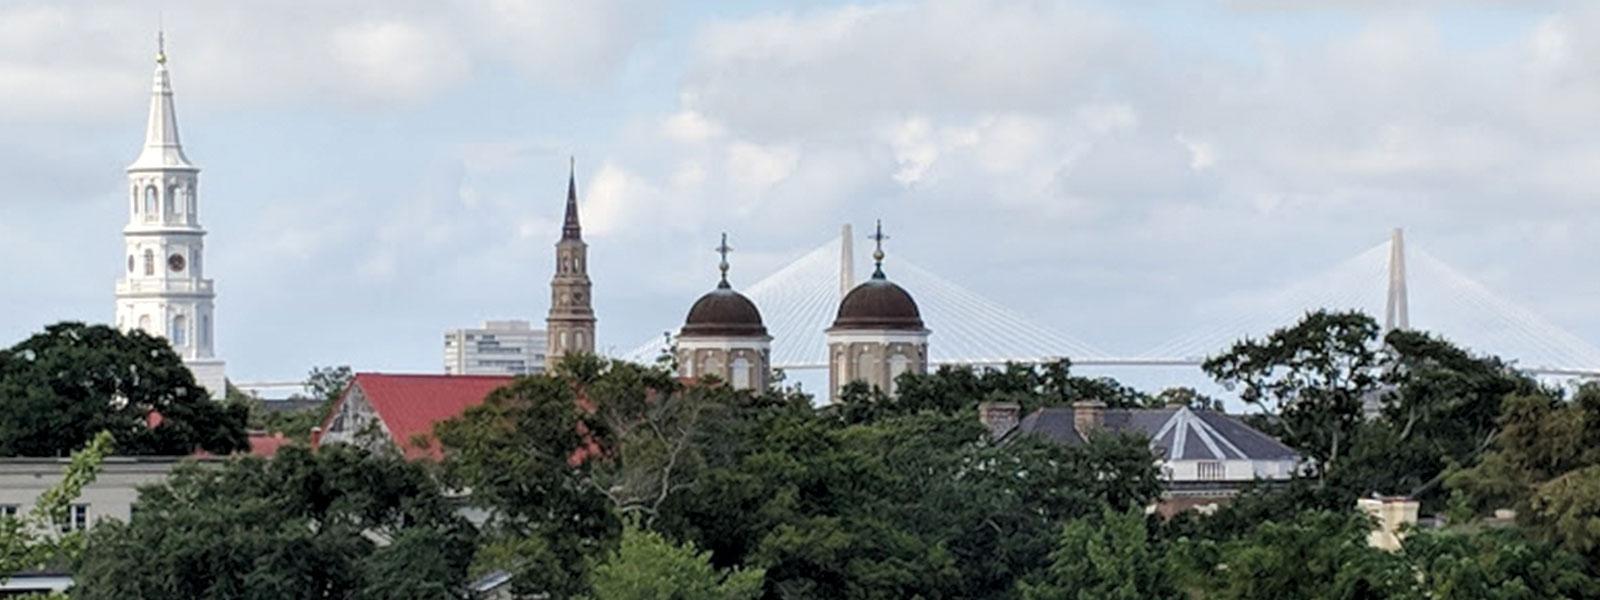 Historic Restoration Charleston SC